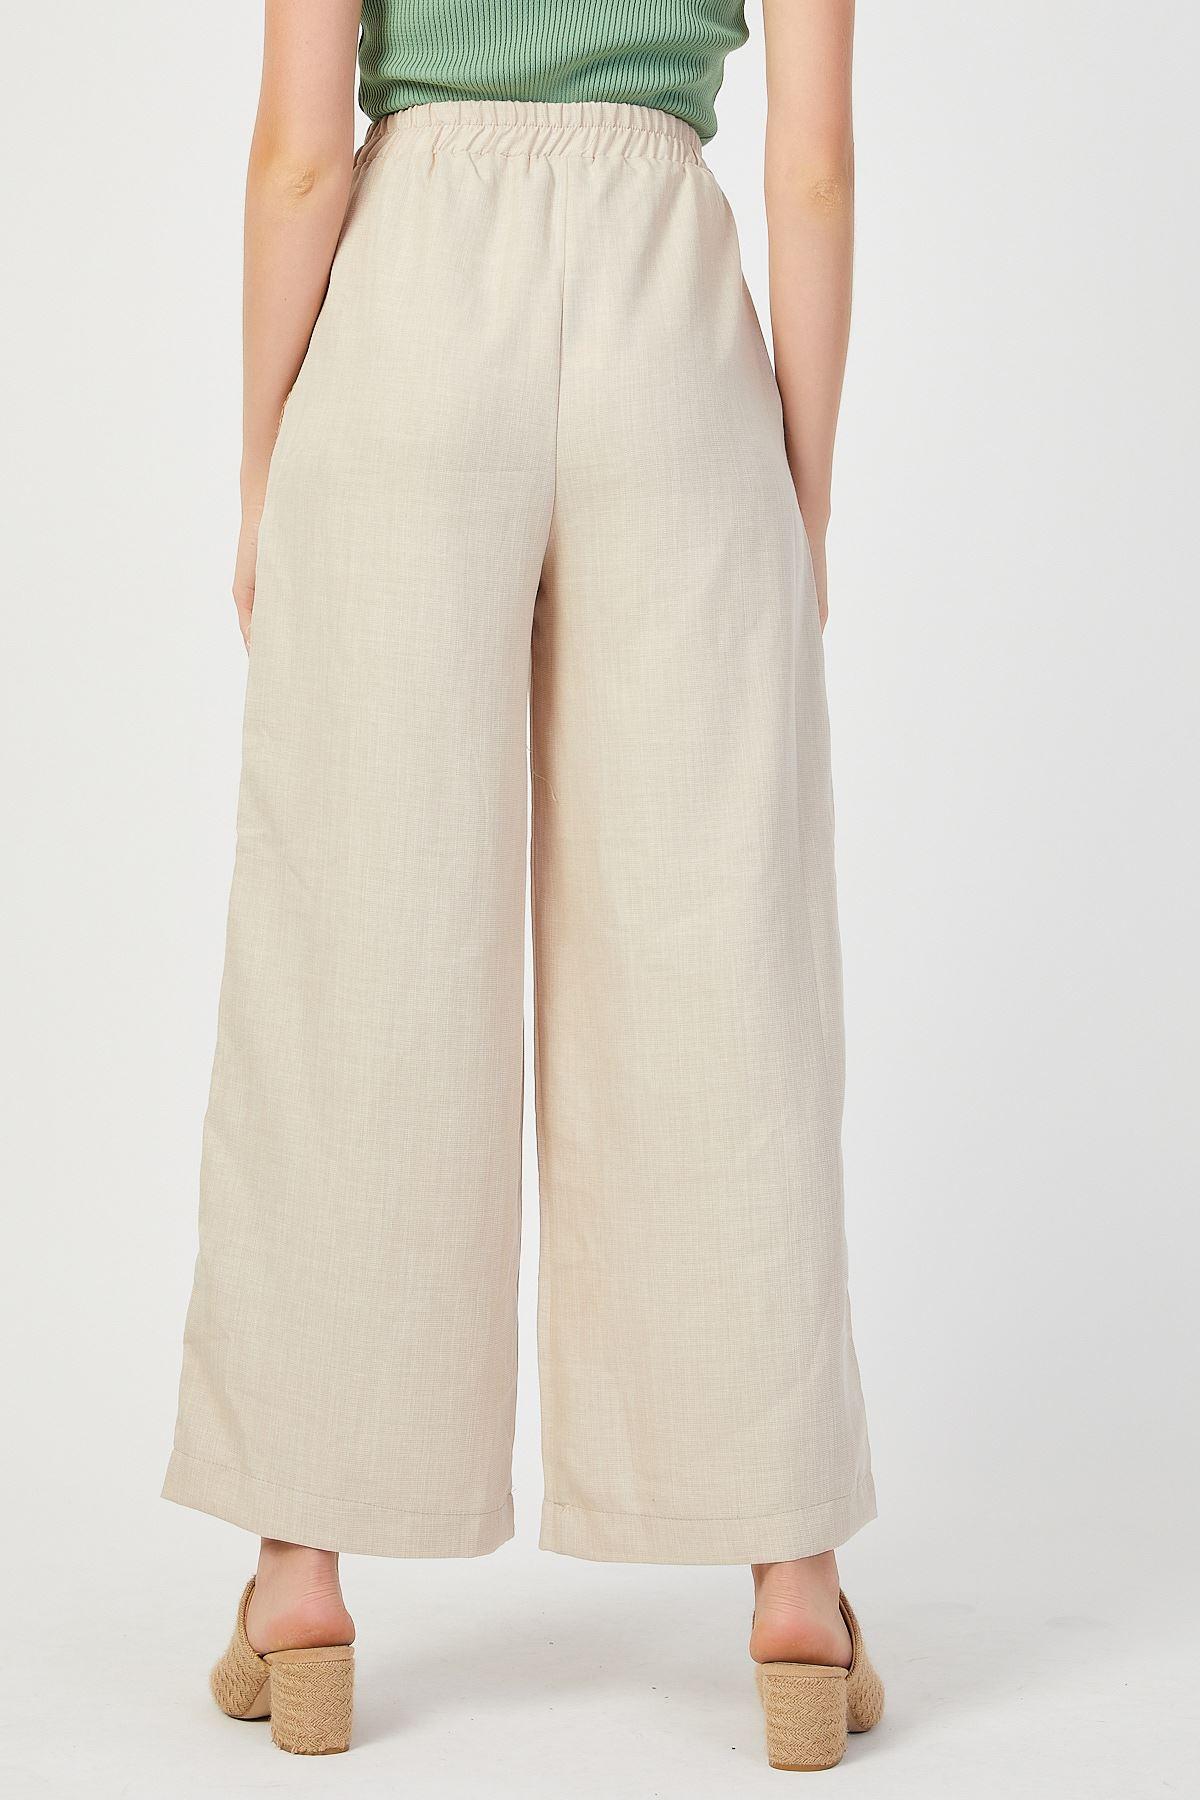 Bol Paça Yanları Şeritli Pantolon